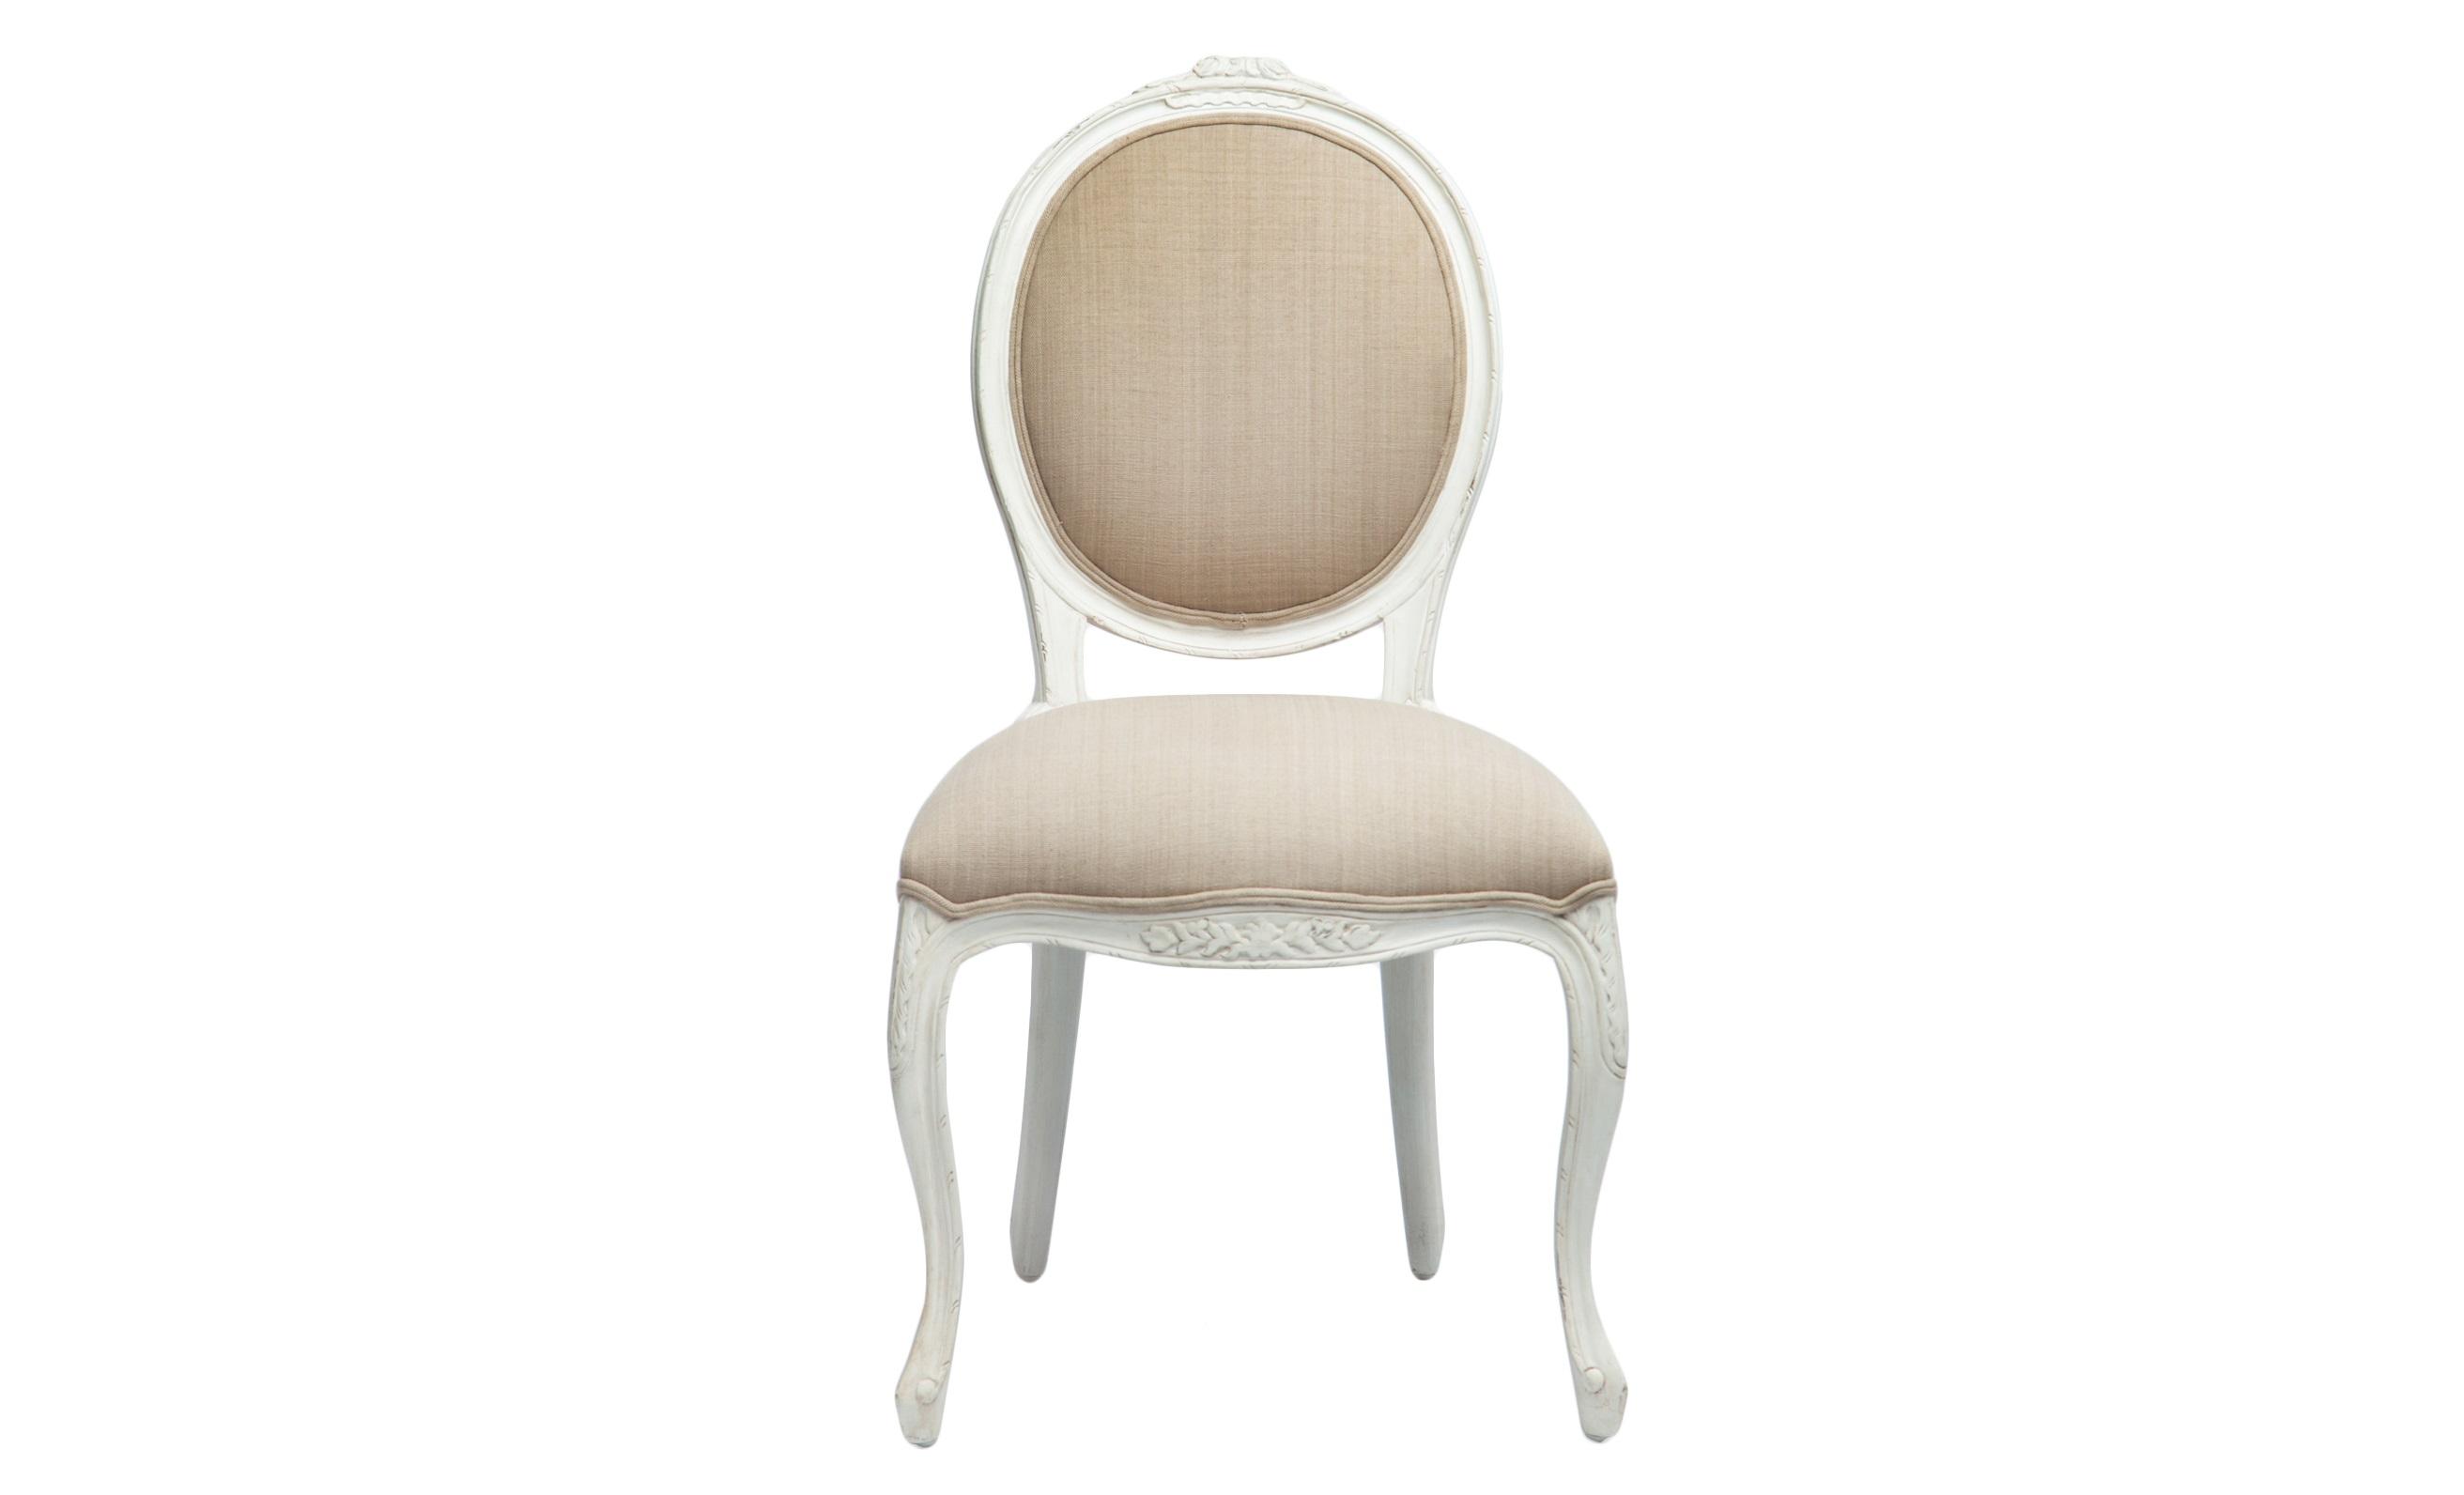 Стул СелинОбеденные стулья<br>Стул с круглой спинкой в стиле прованс, декорирован резьбой ручной работы и искусственным старением.&amp;amp;nbsp;&amp;lt;div&amp;gt;&amp;lt;br&amp;gt;&amp;lt;/div&amp;gt;&amp;lt;div&amp;gt;Обивка: 40% лён, 60% вискоза.&amp;lt;/div&amp;gt;<br><br>Material: Текстиль<br>Width см: 61<br>Depth см: 53<br>Height см: 96